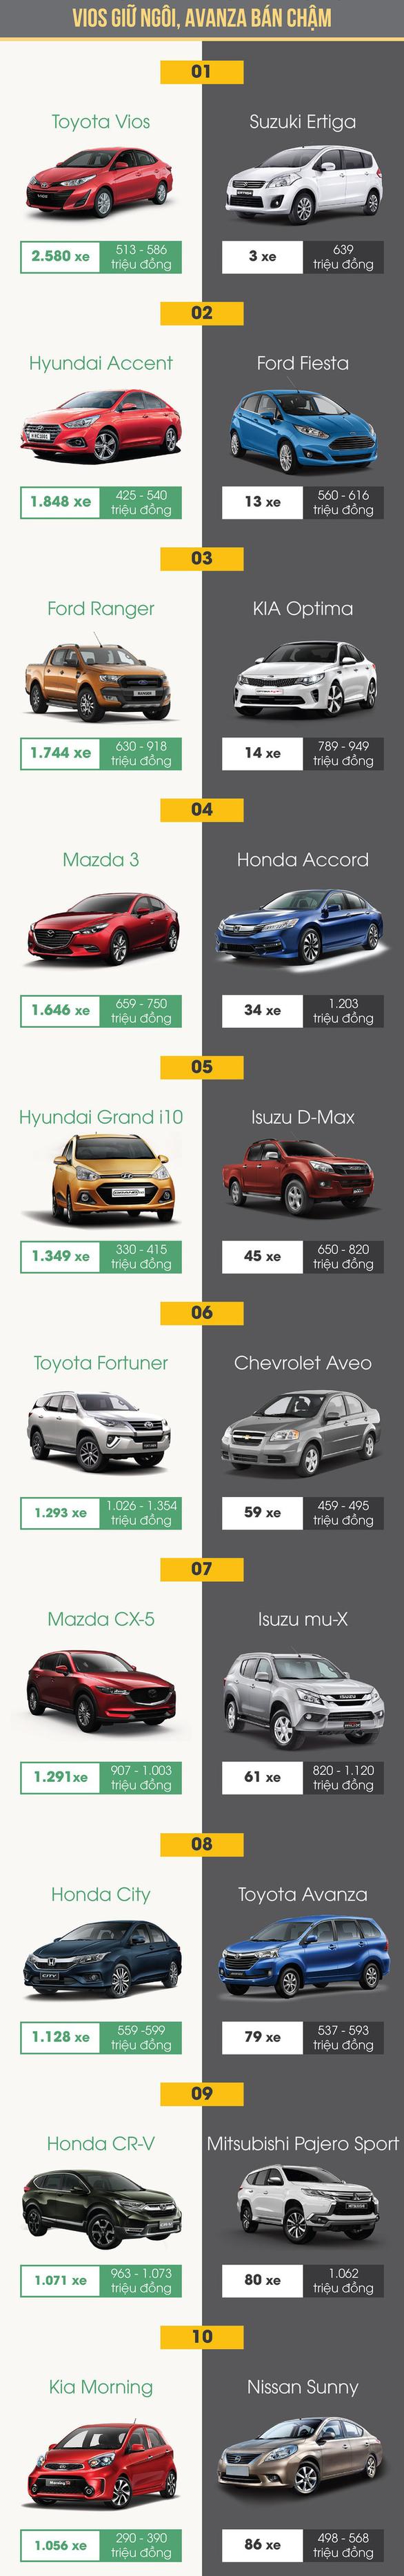 Tháng 11, xe hơi nào bán chạy nhất, xe nào ế nhất? - Ảnh 1.